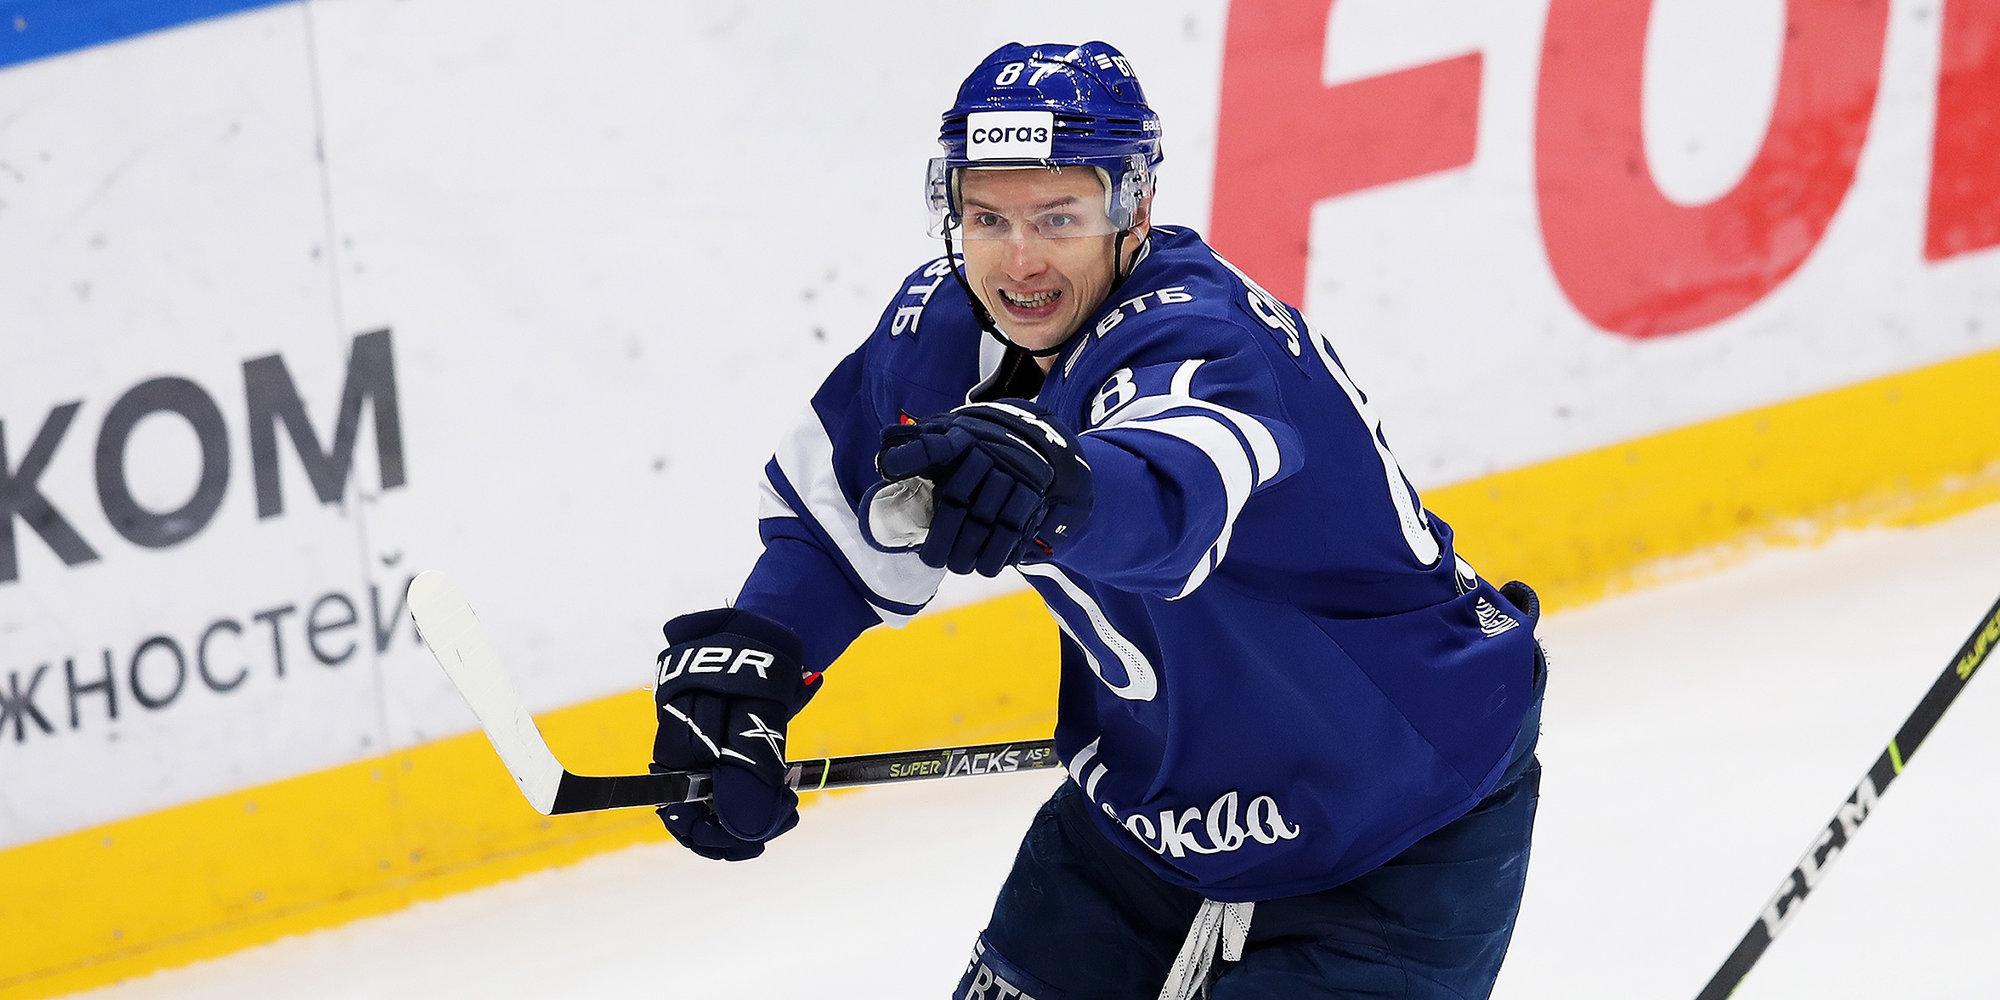 Шипачев — лучший бомбардир «Динамо» в истории КХЛ